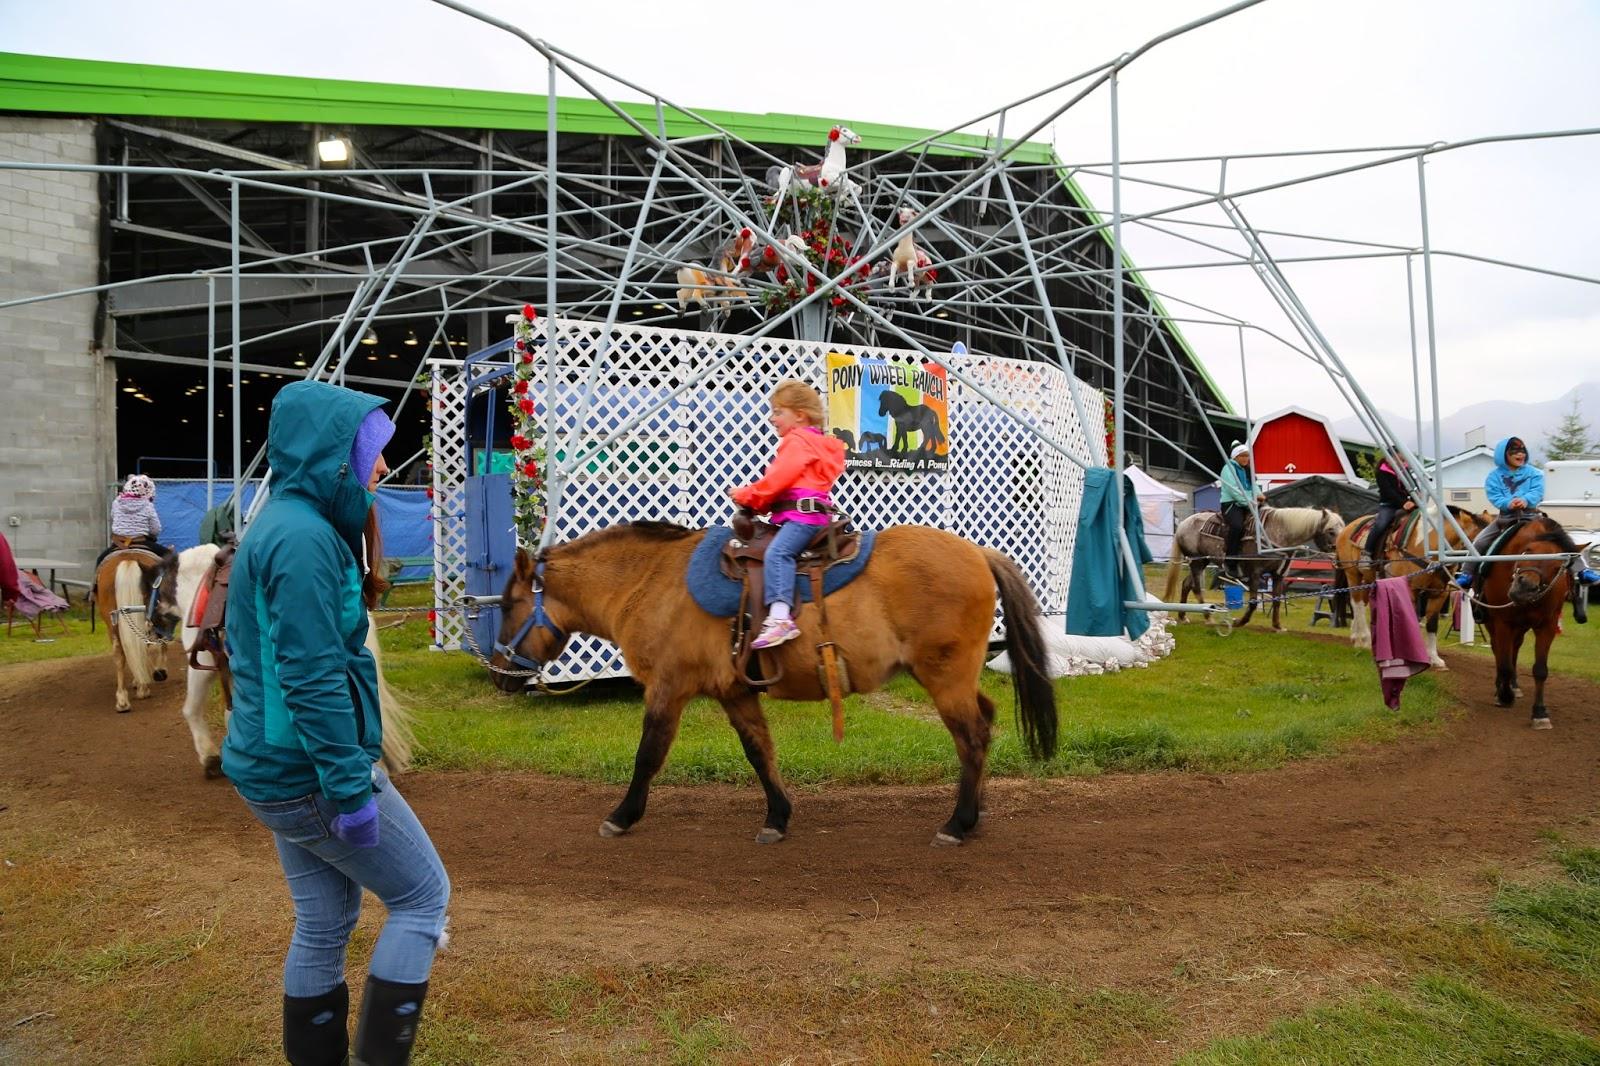 Horse drawn carousel, Alaska State Fair